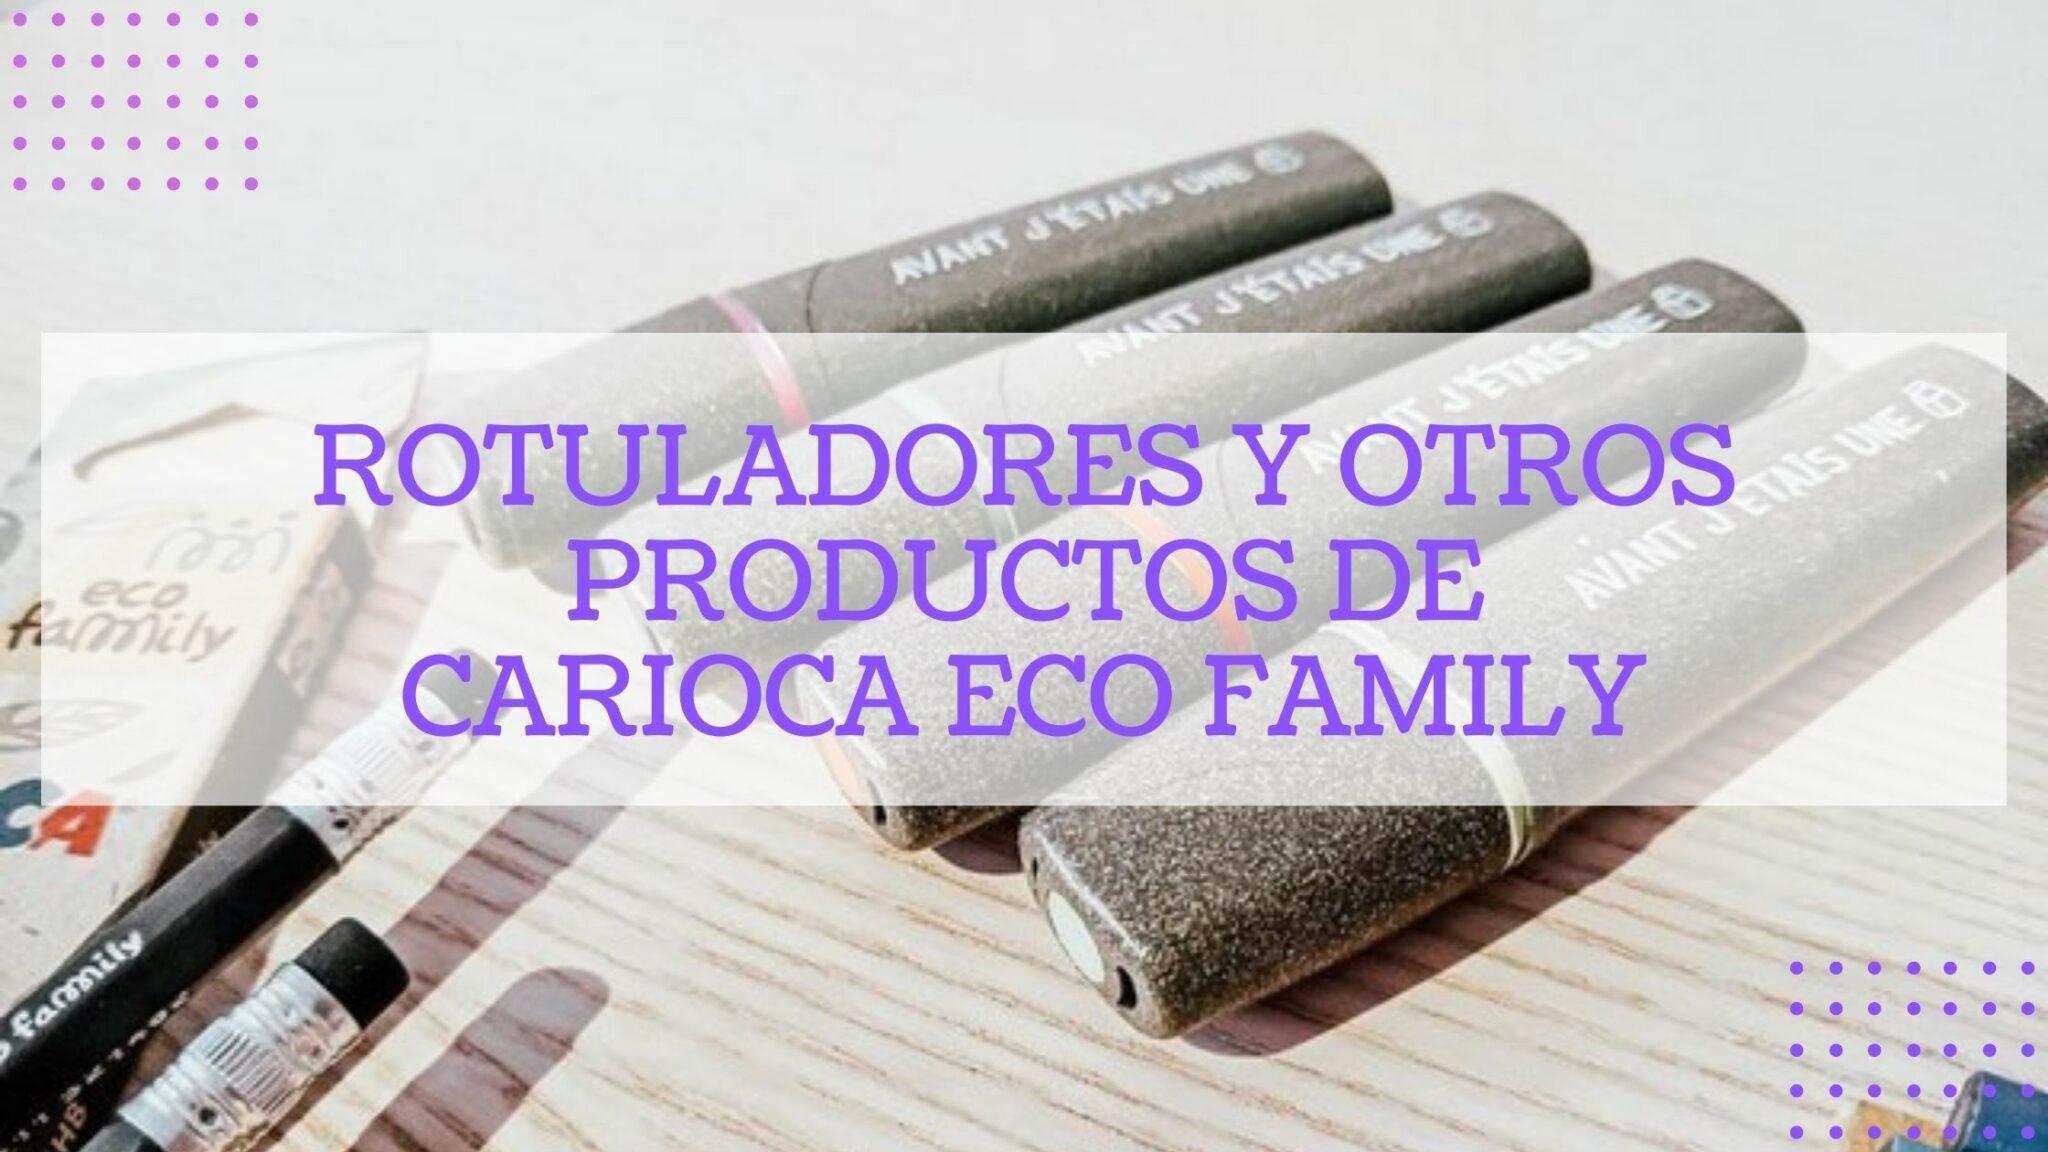 portada de post 2 scaled - Rotuladores y otros productos de Carioca Eco Family